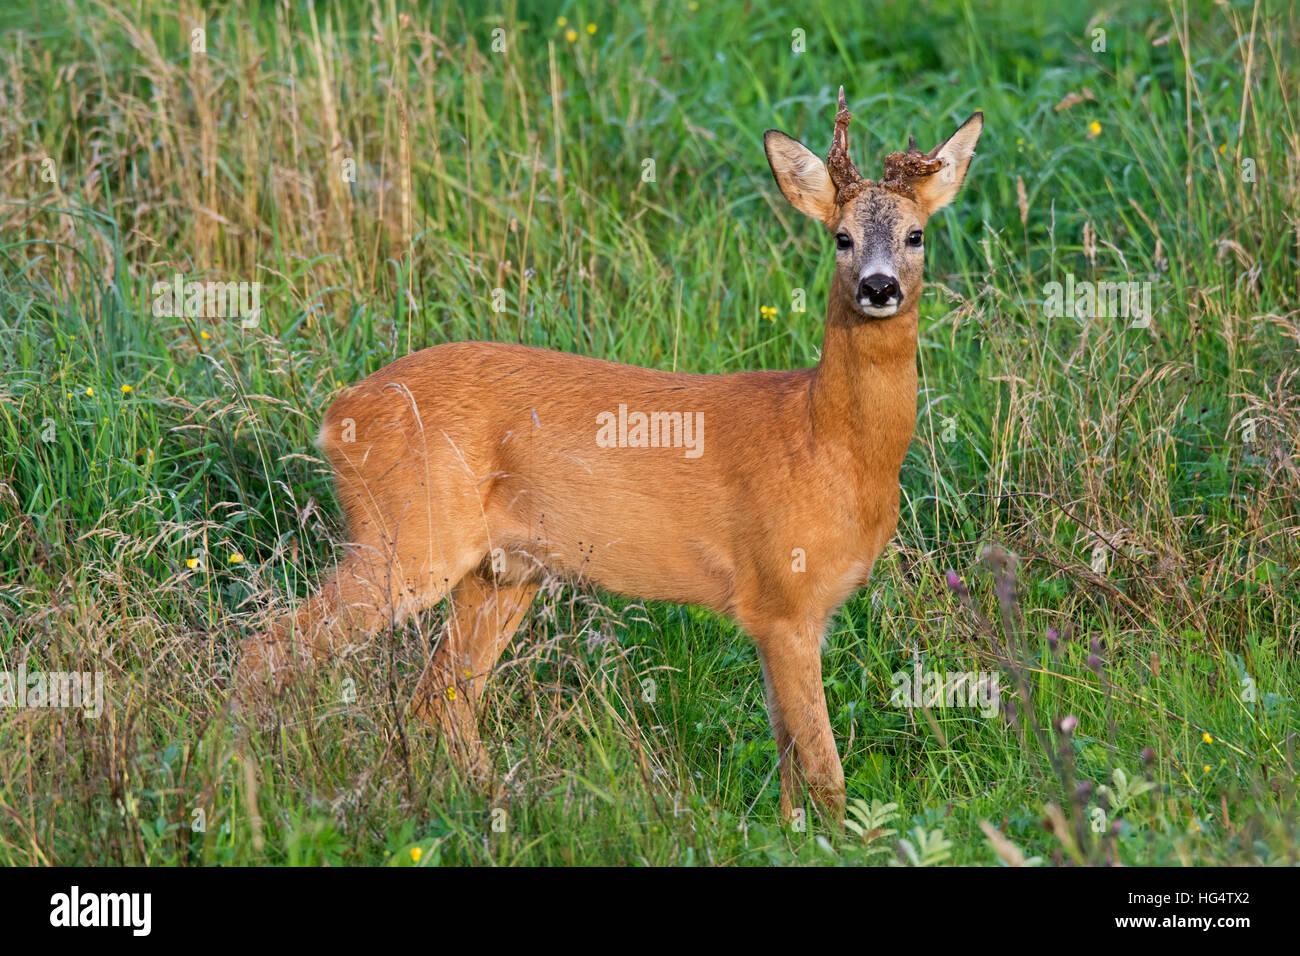 Roe deer (Capreolus capreolus) buck with two deformed antlers in field in summer - Stock Image